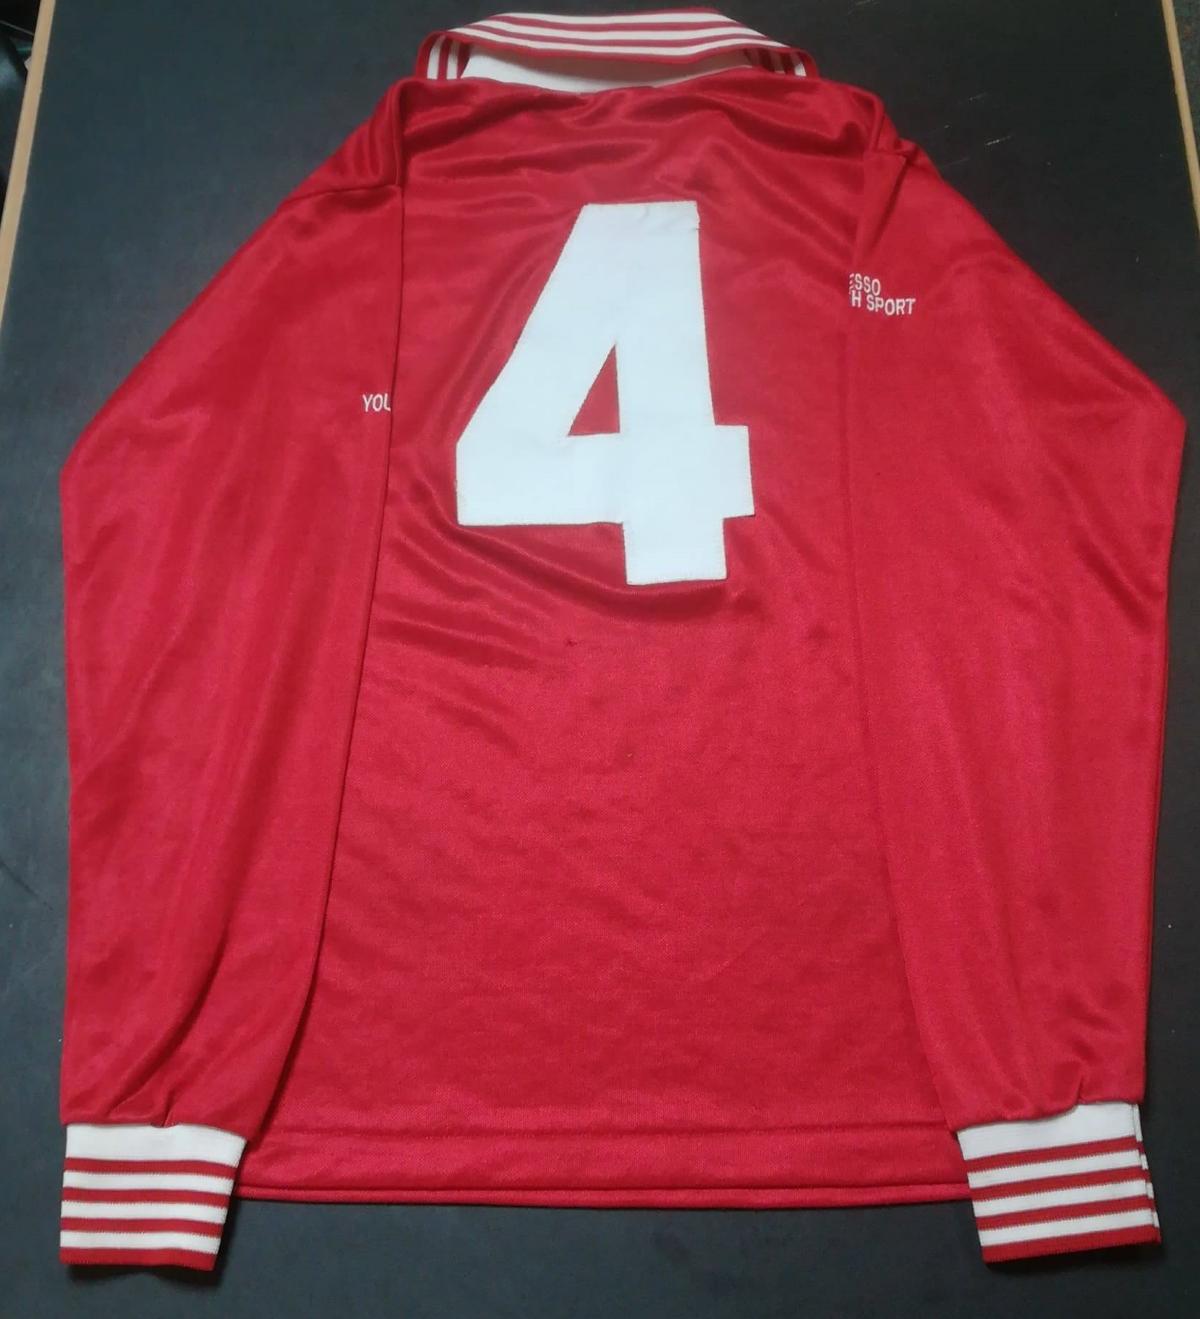 Brian Law - Wales Schoolboy Shirt - Rear